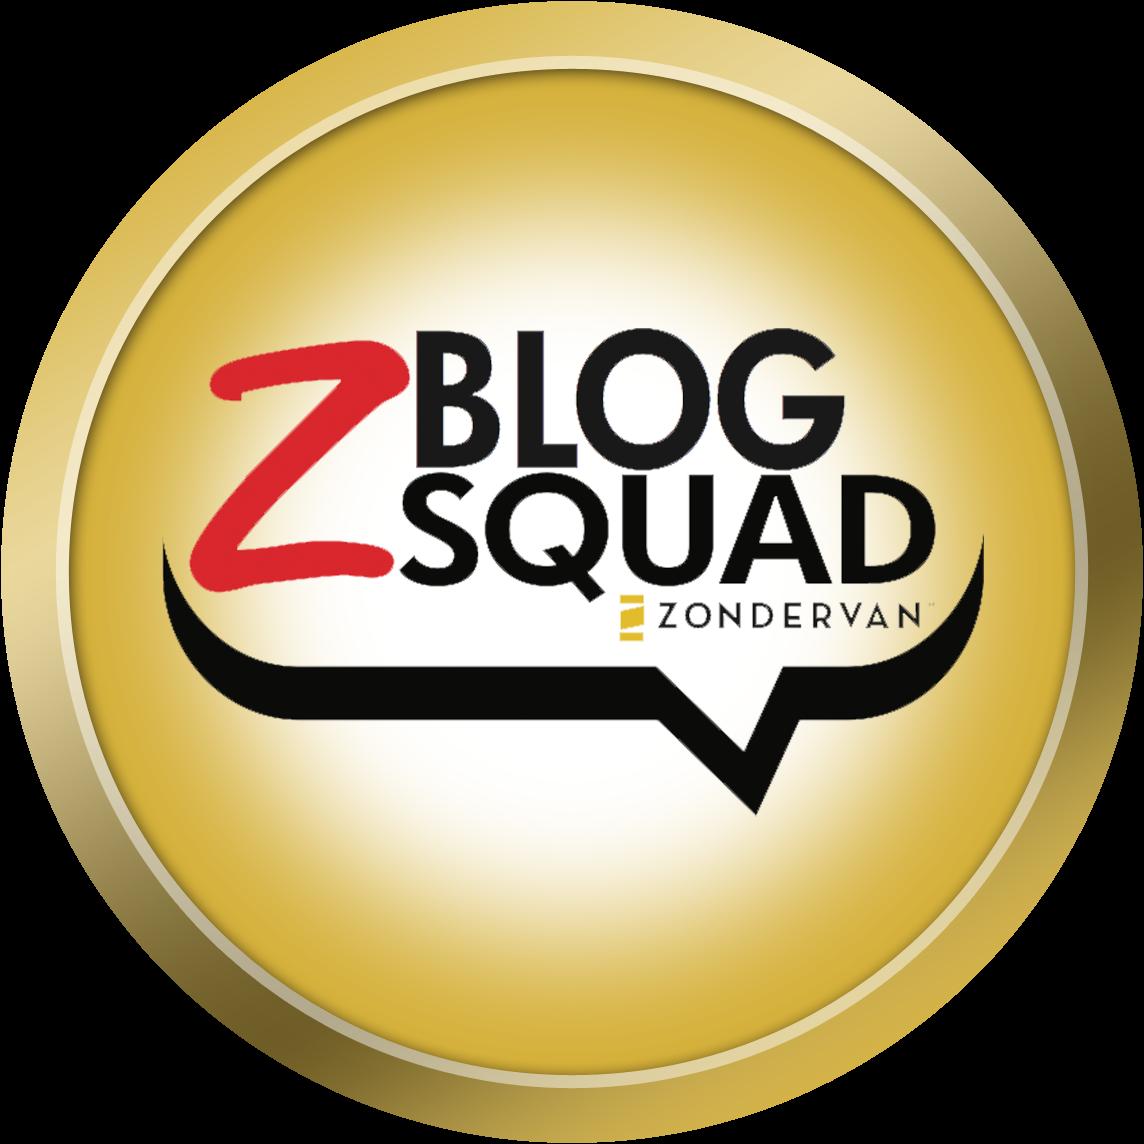 Z Blog Squad--Zondervan